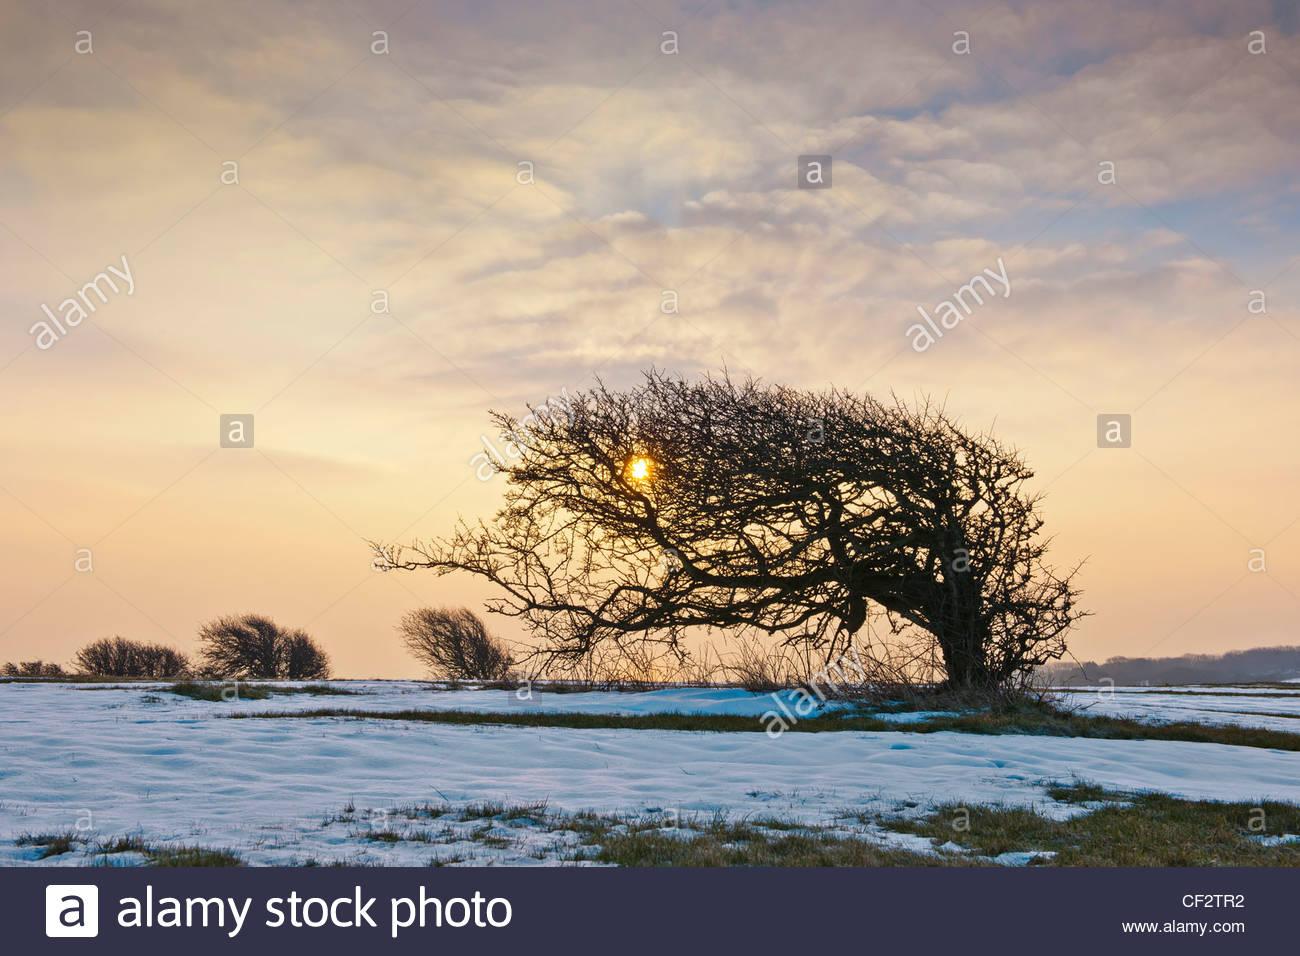 El viento barrió hawthron formado afectados árboles Warren Hill East Sussex Enero invernal paisaje cubierto Imagen De Stock